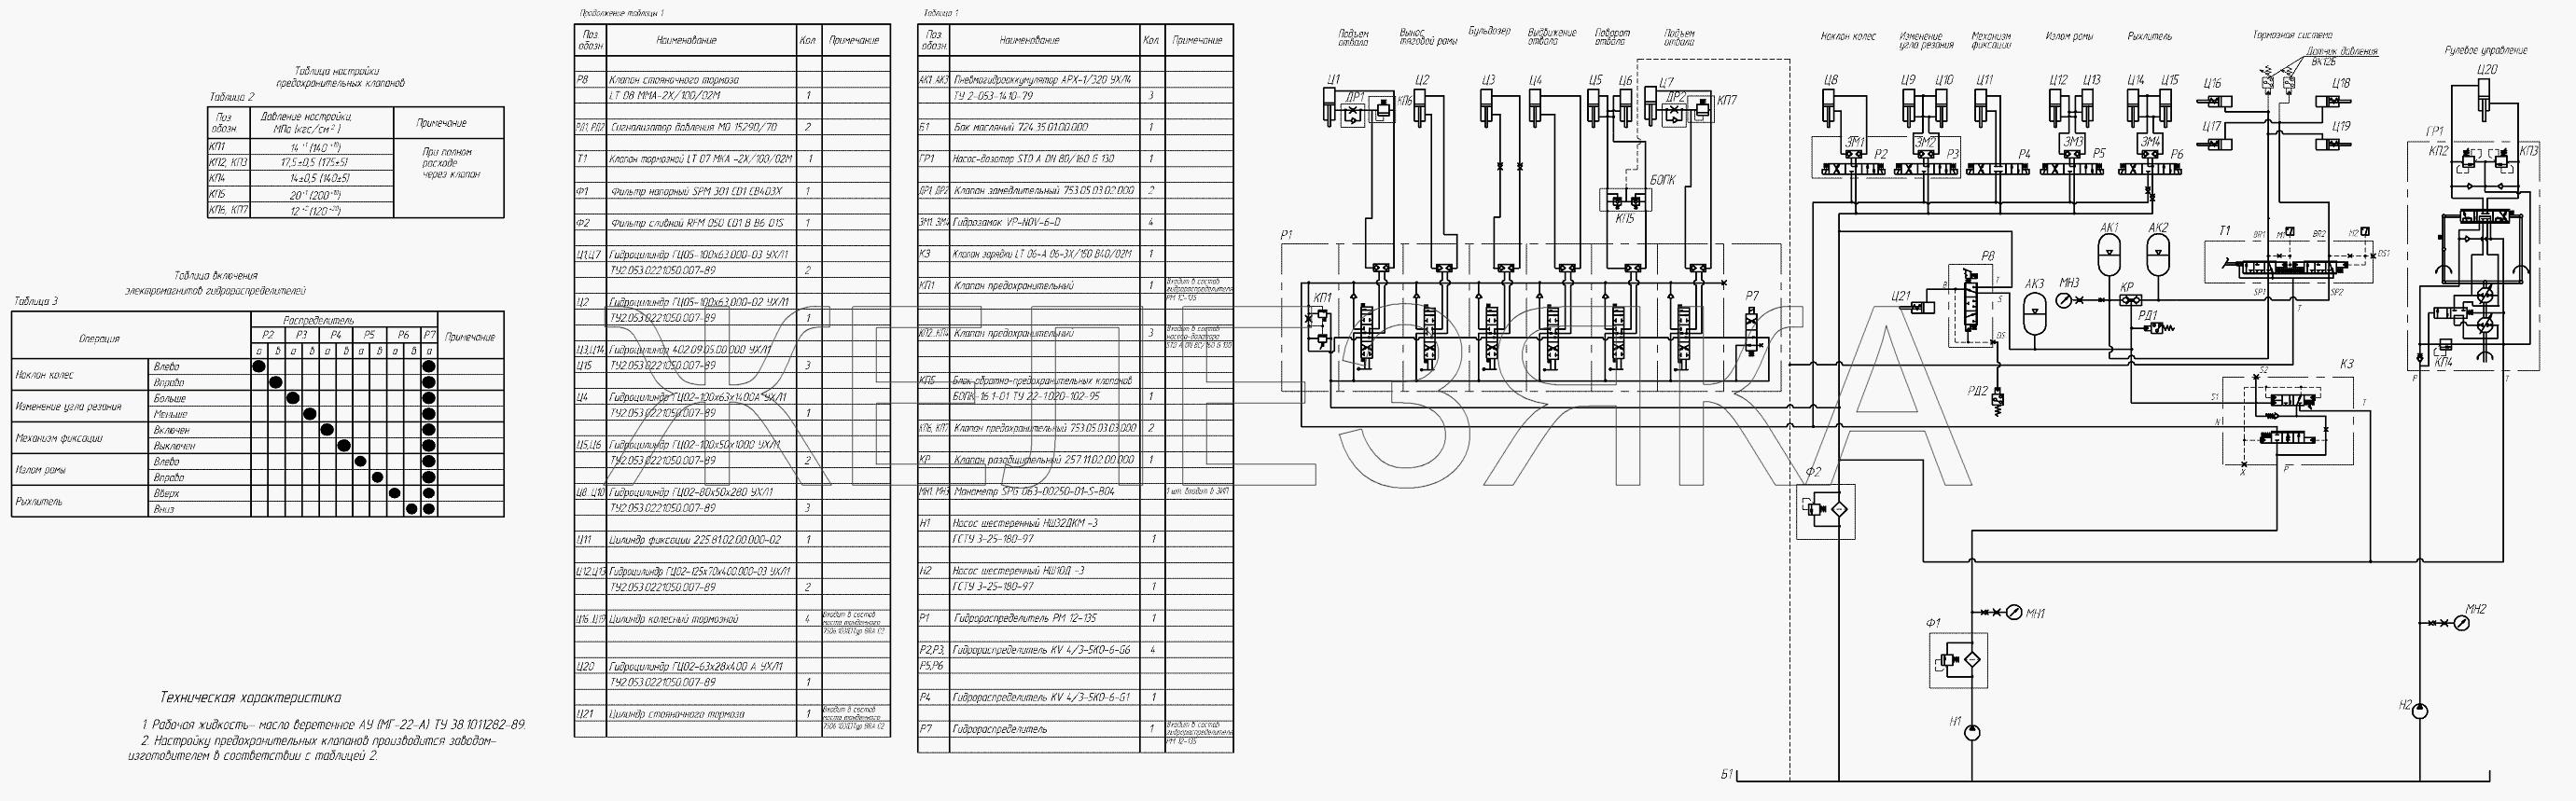 Схема гидравлическая принципиальная 257.05.00.00.000-02 Г3 от автогрейдера ГС-25.09 title=